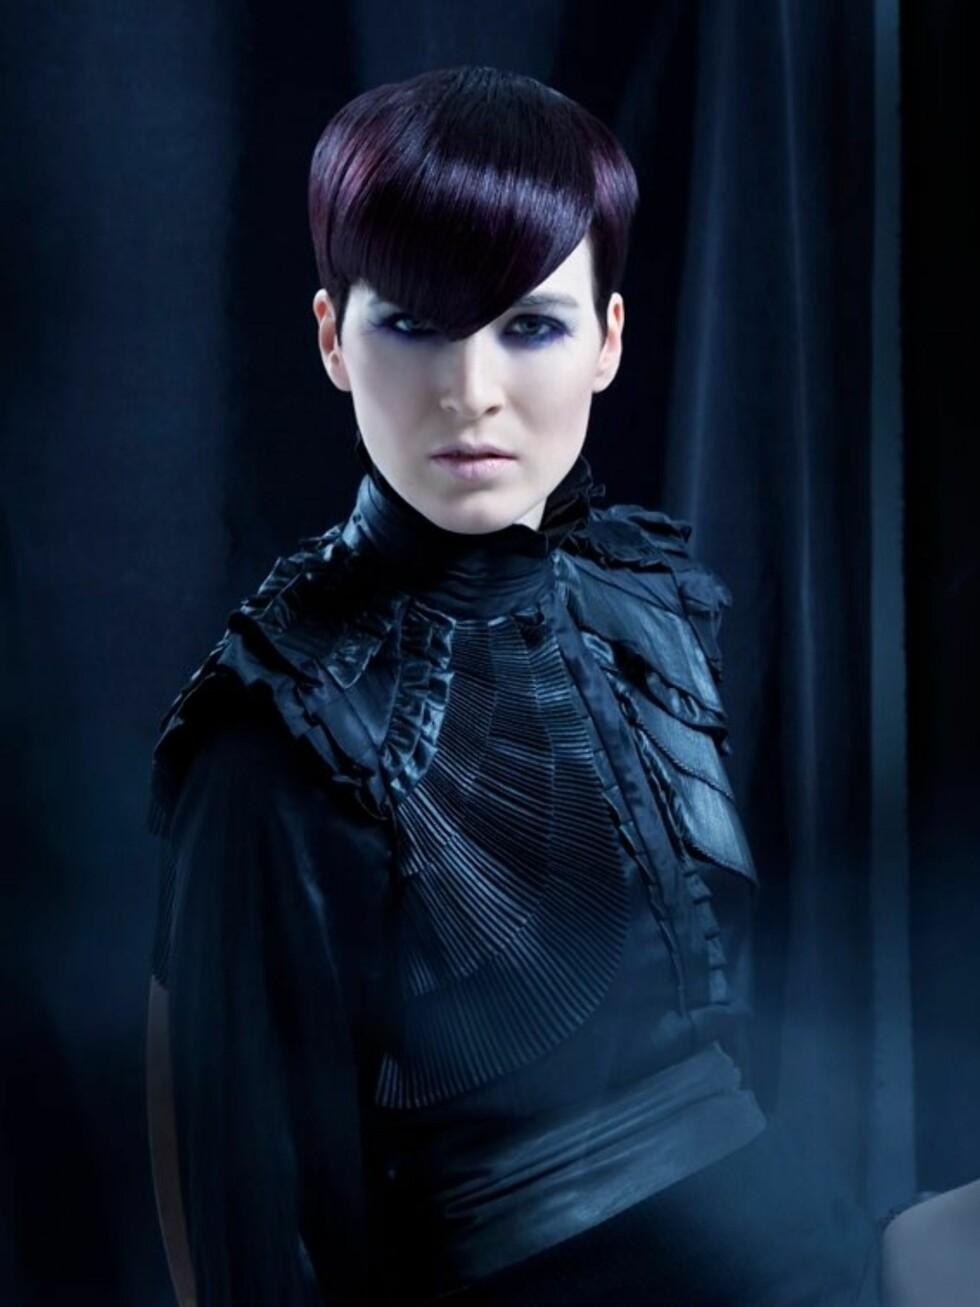 Nikita Hair Collection Fall/Winter 2010